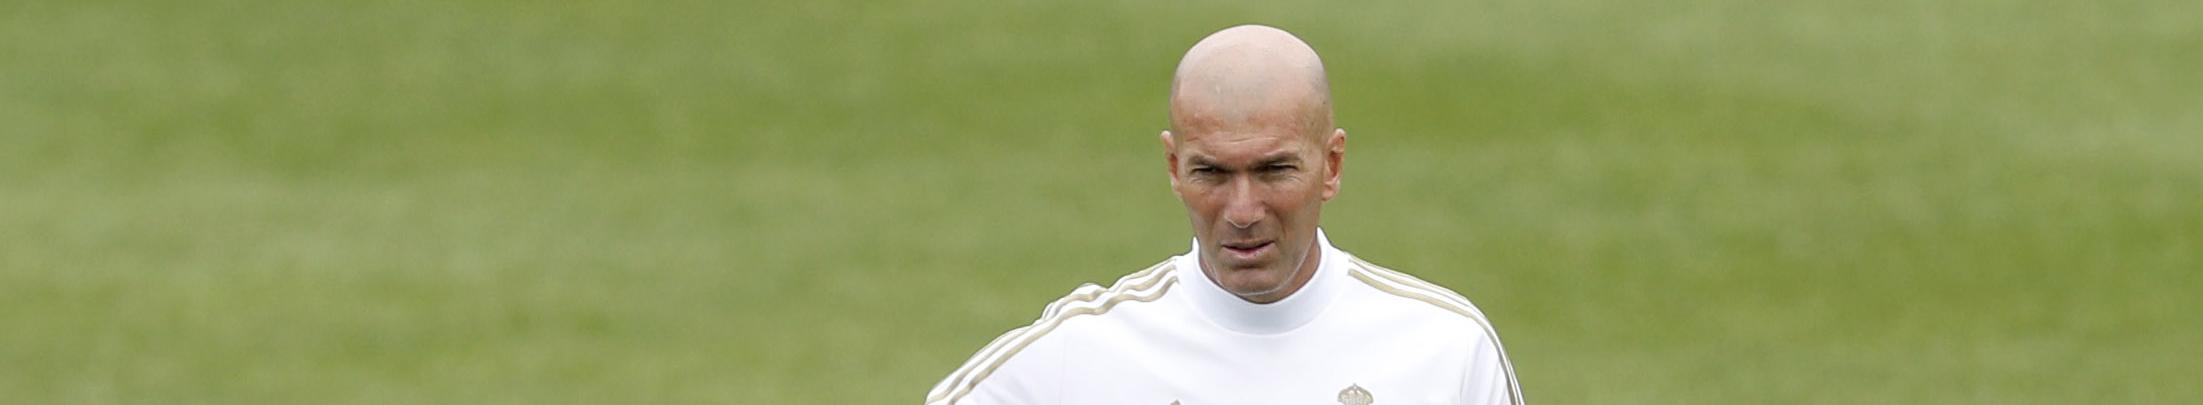 Bayern Monaco-Real Madrid, altro scontro a cinque stelle in ICC